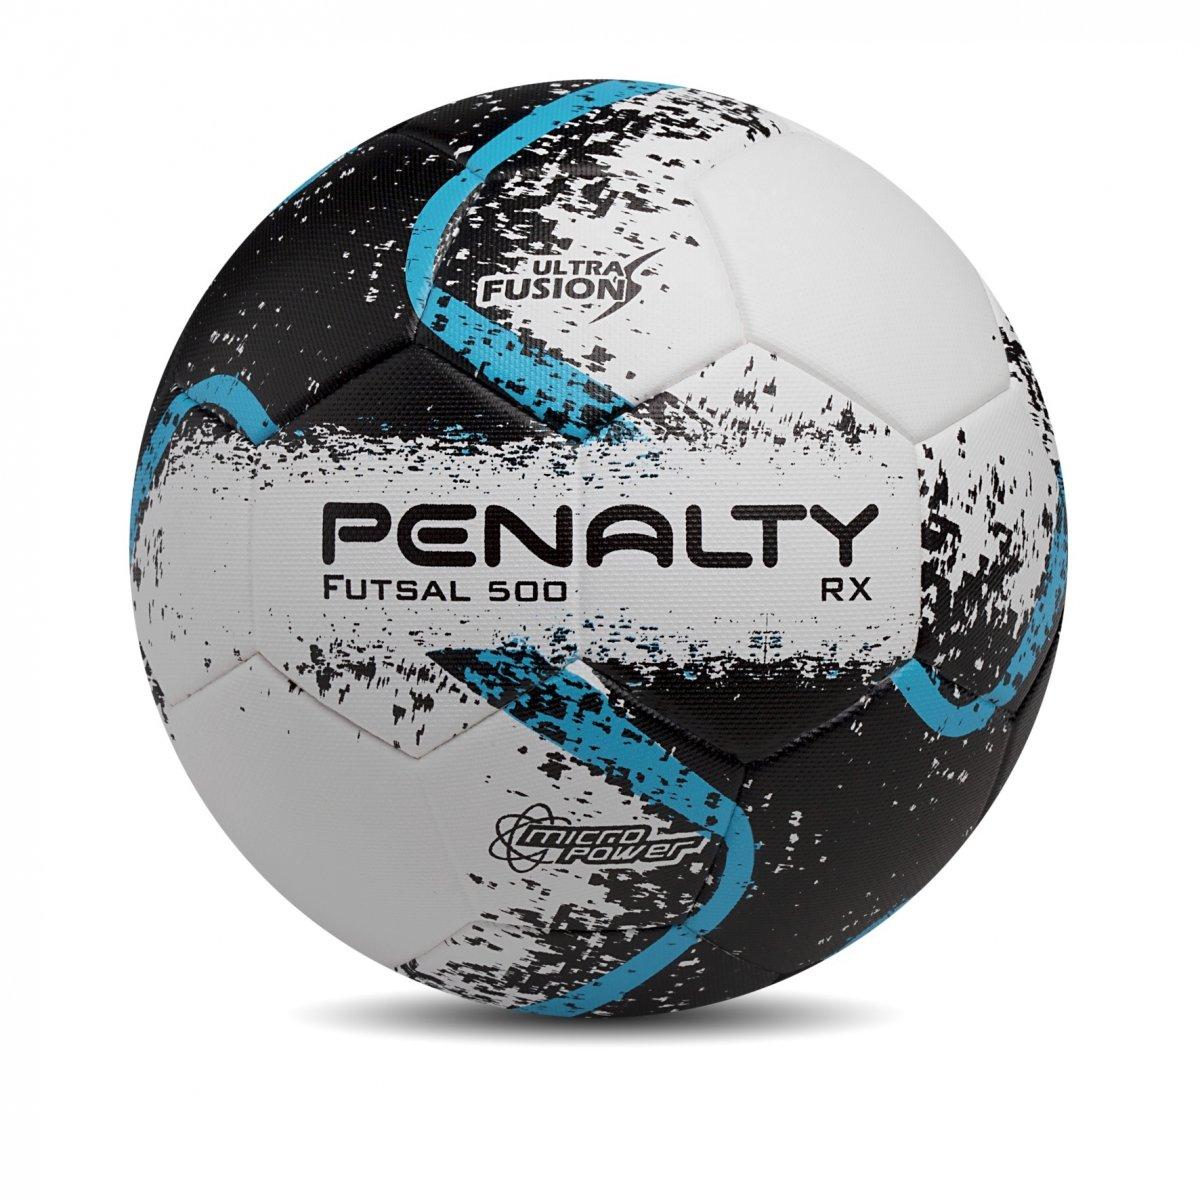 cf3a452c50 Bola Futsal Penalty RX 500 Ultra Fusion R2 Vlll 520307 1040 ...